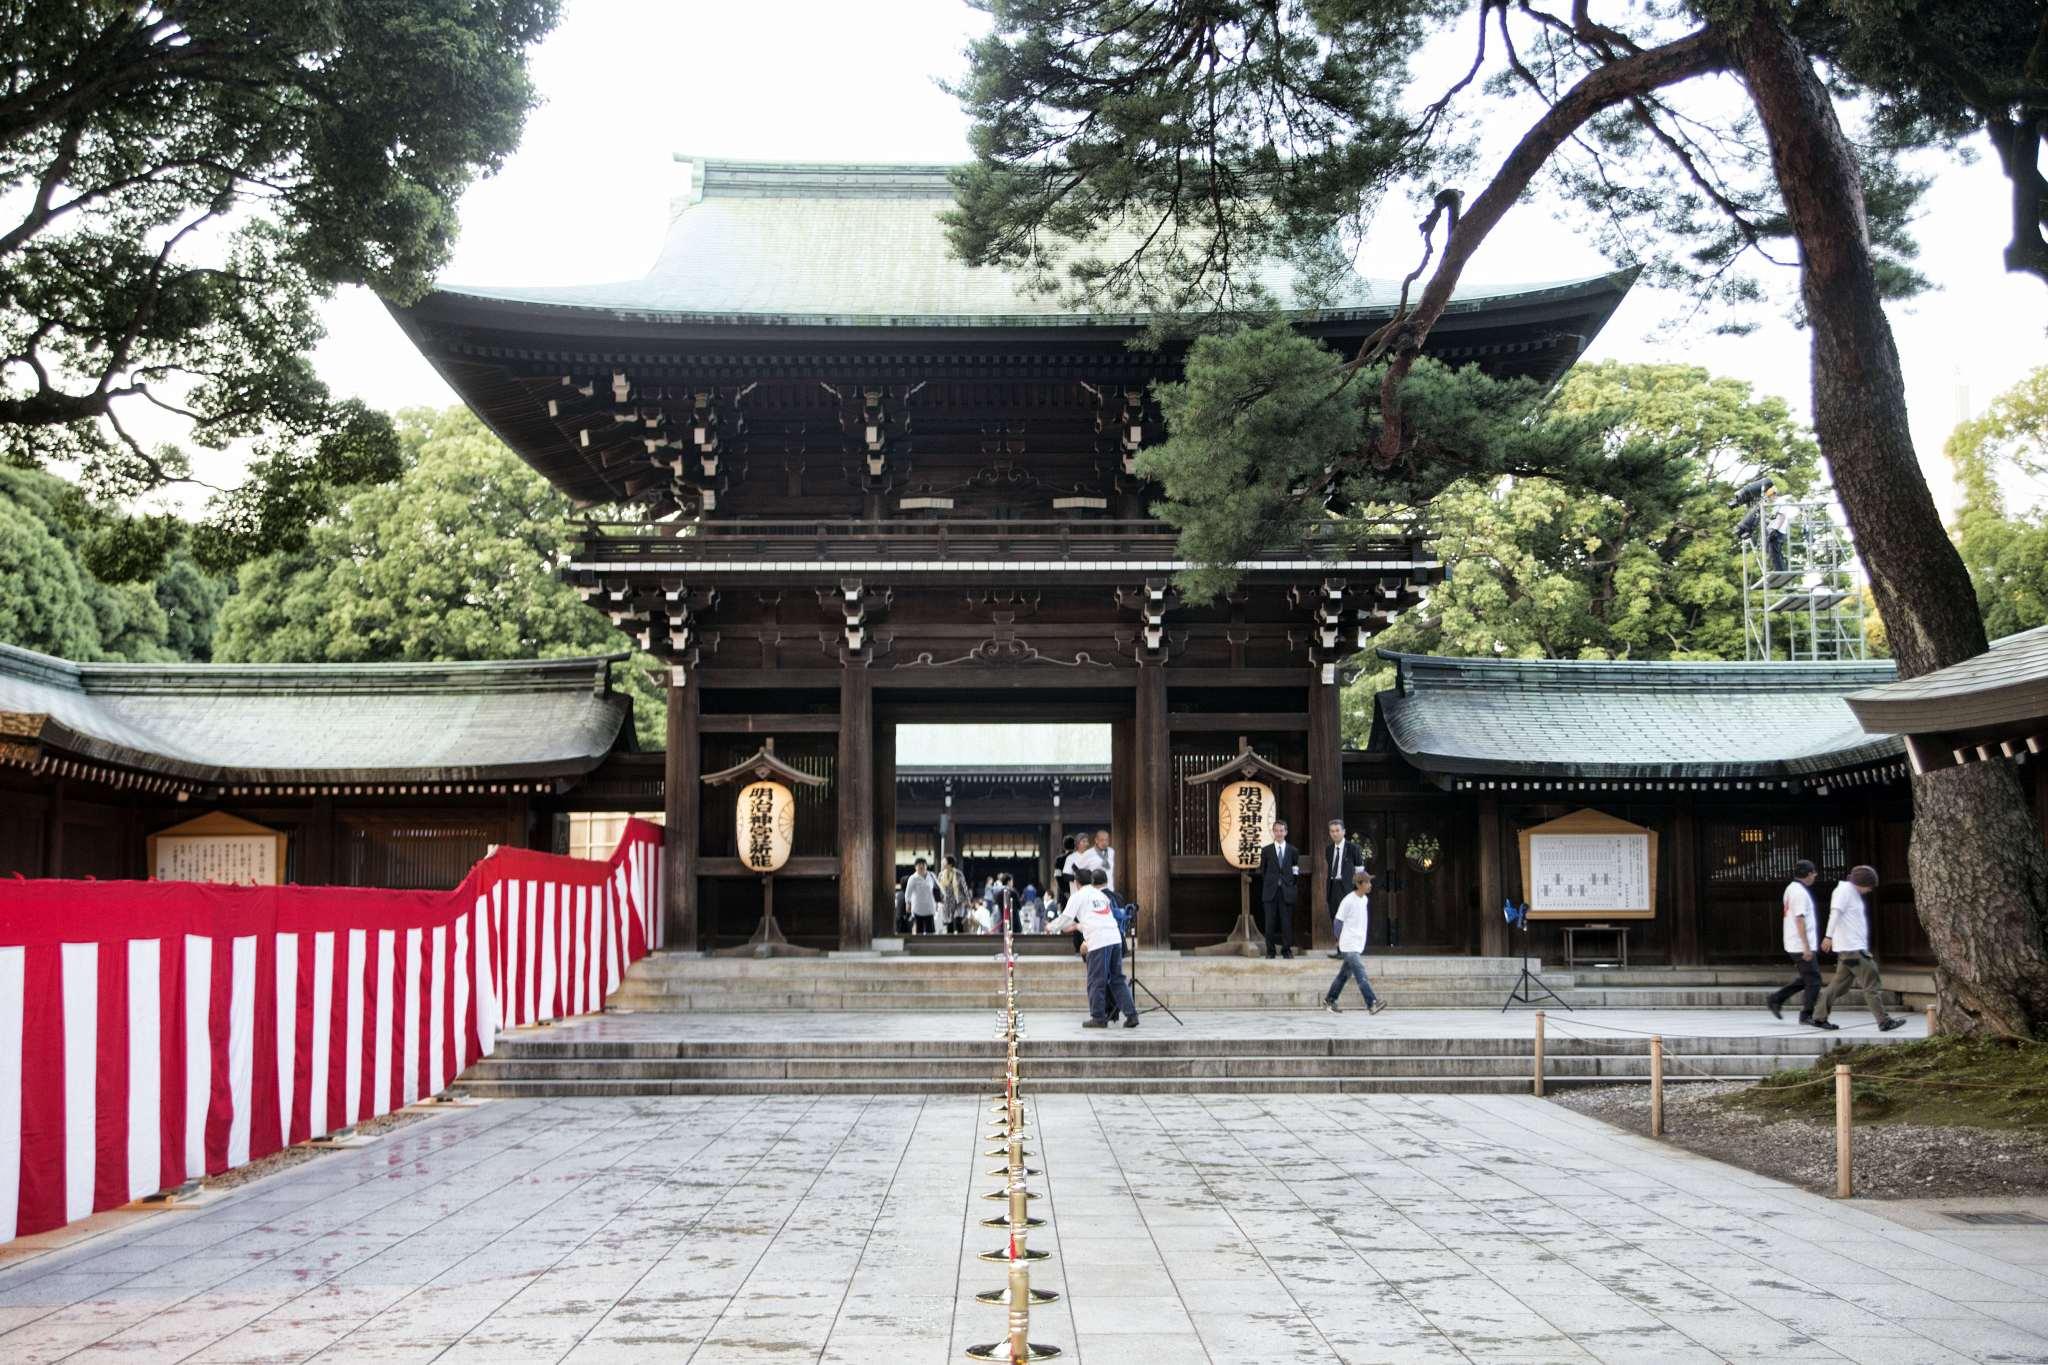 The offering hall of Meiji Jingu